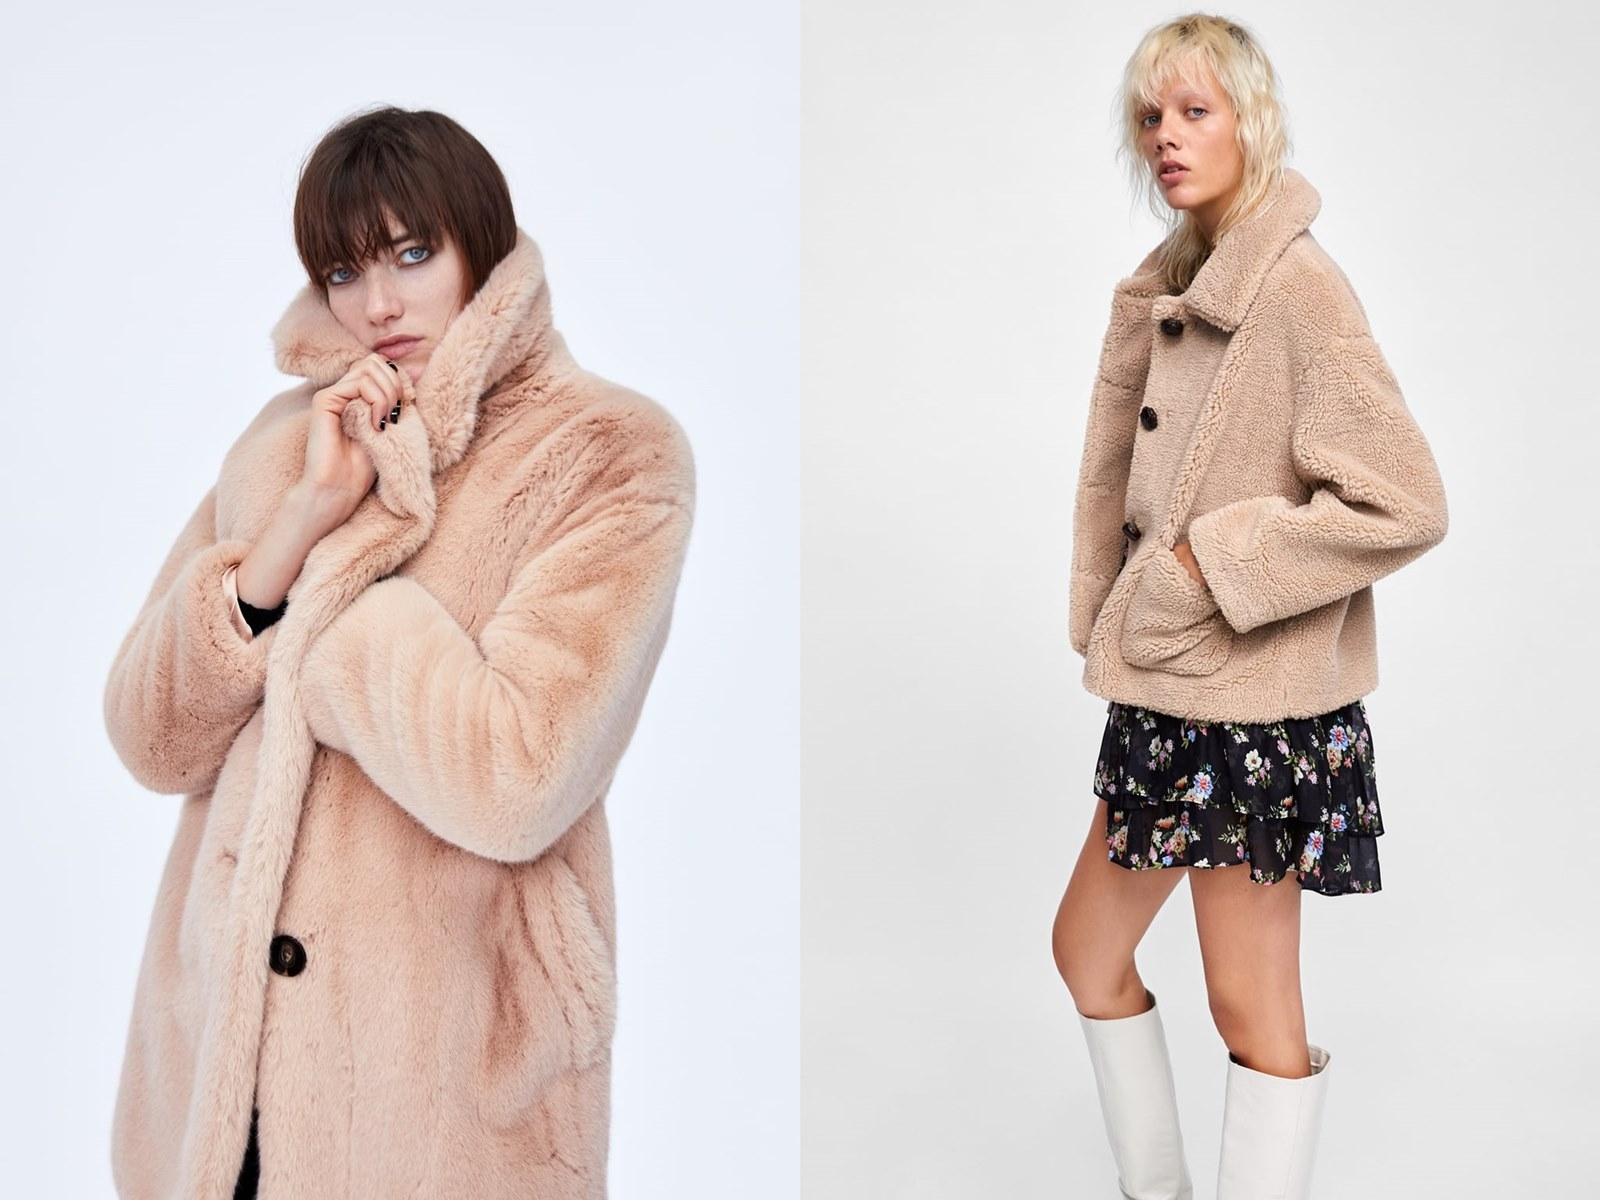 Co nosić zimą, aby wyróżnić się z tłumu? Płaszcz miś, długi, krótki, topshop, zara, street style, teddy coat, jesień 2018, fall 2018, winter 2018, zima 2018, inspiracje, inspiracje na jesień, trendy, trendy na jesień, co modnego jesienią